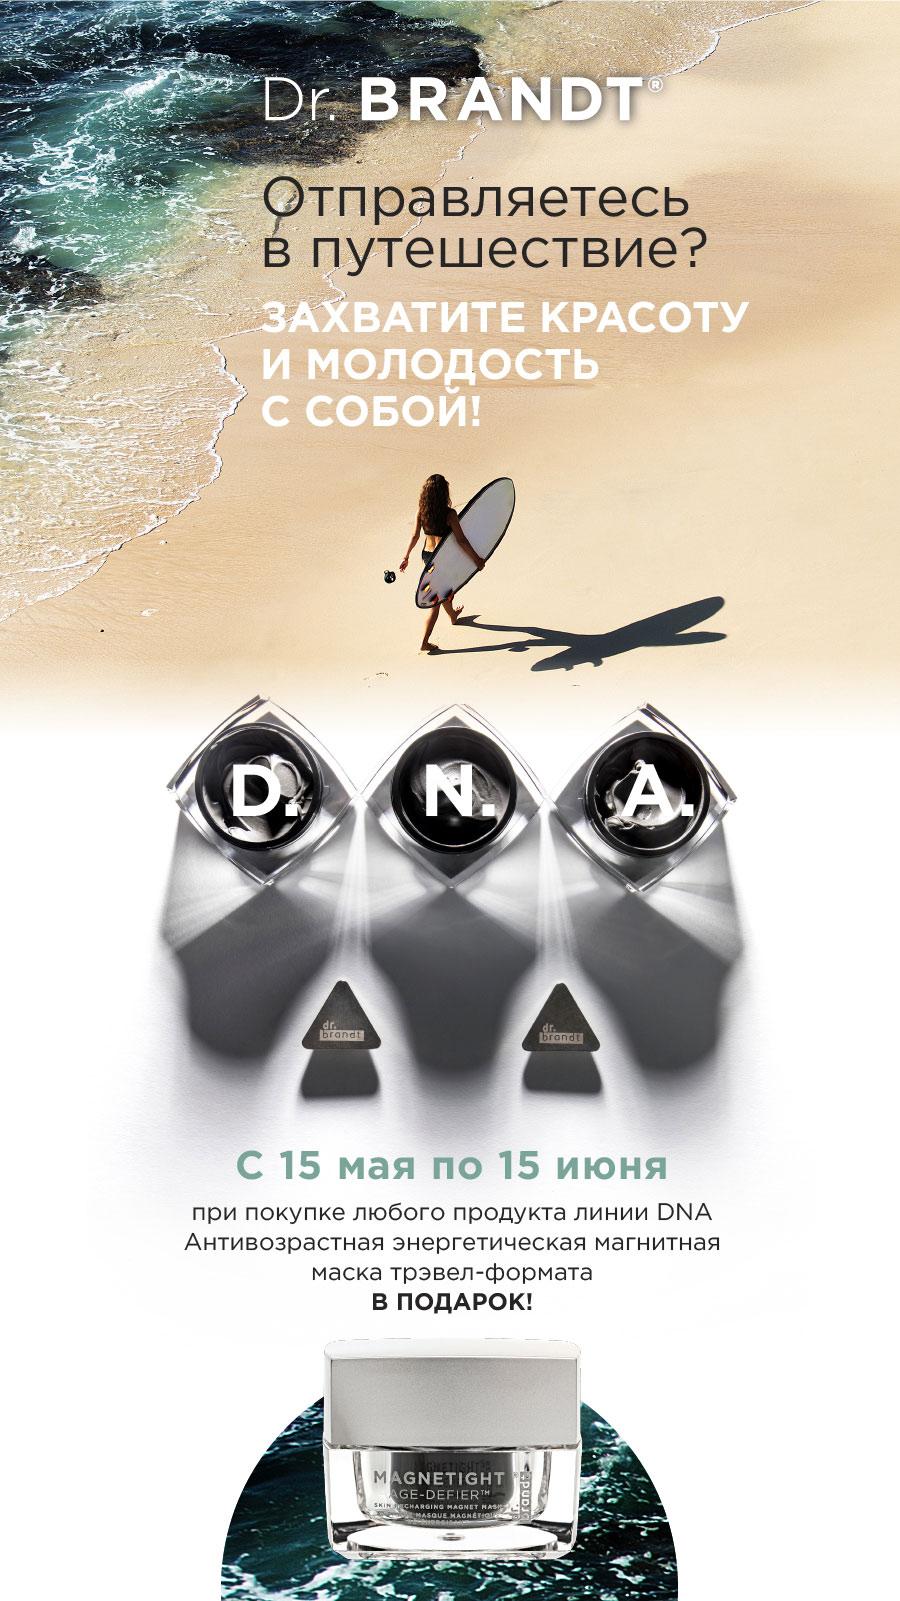 Brandt-DNA-e-works-set-may-2021-03